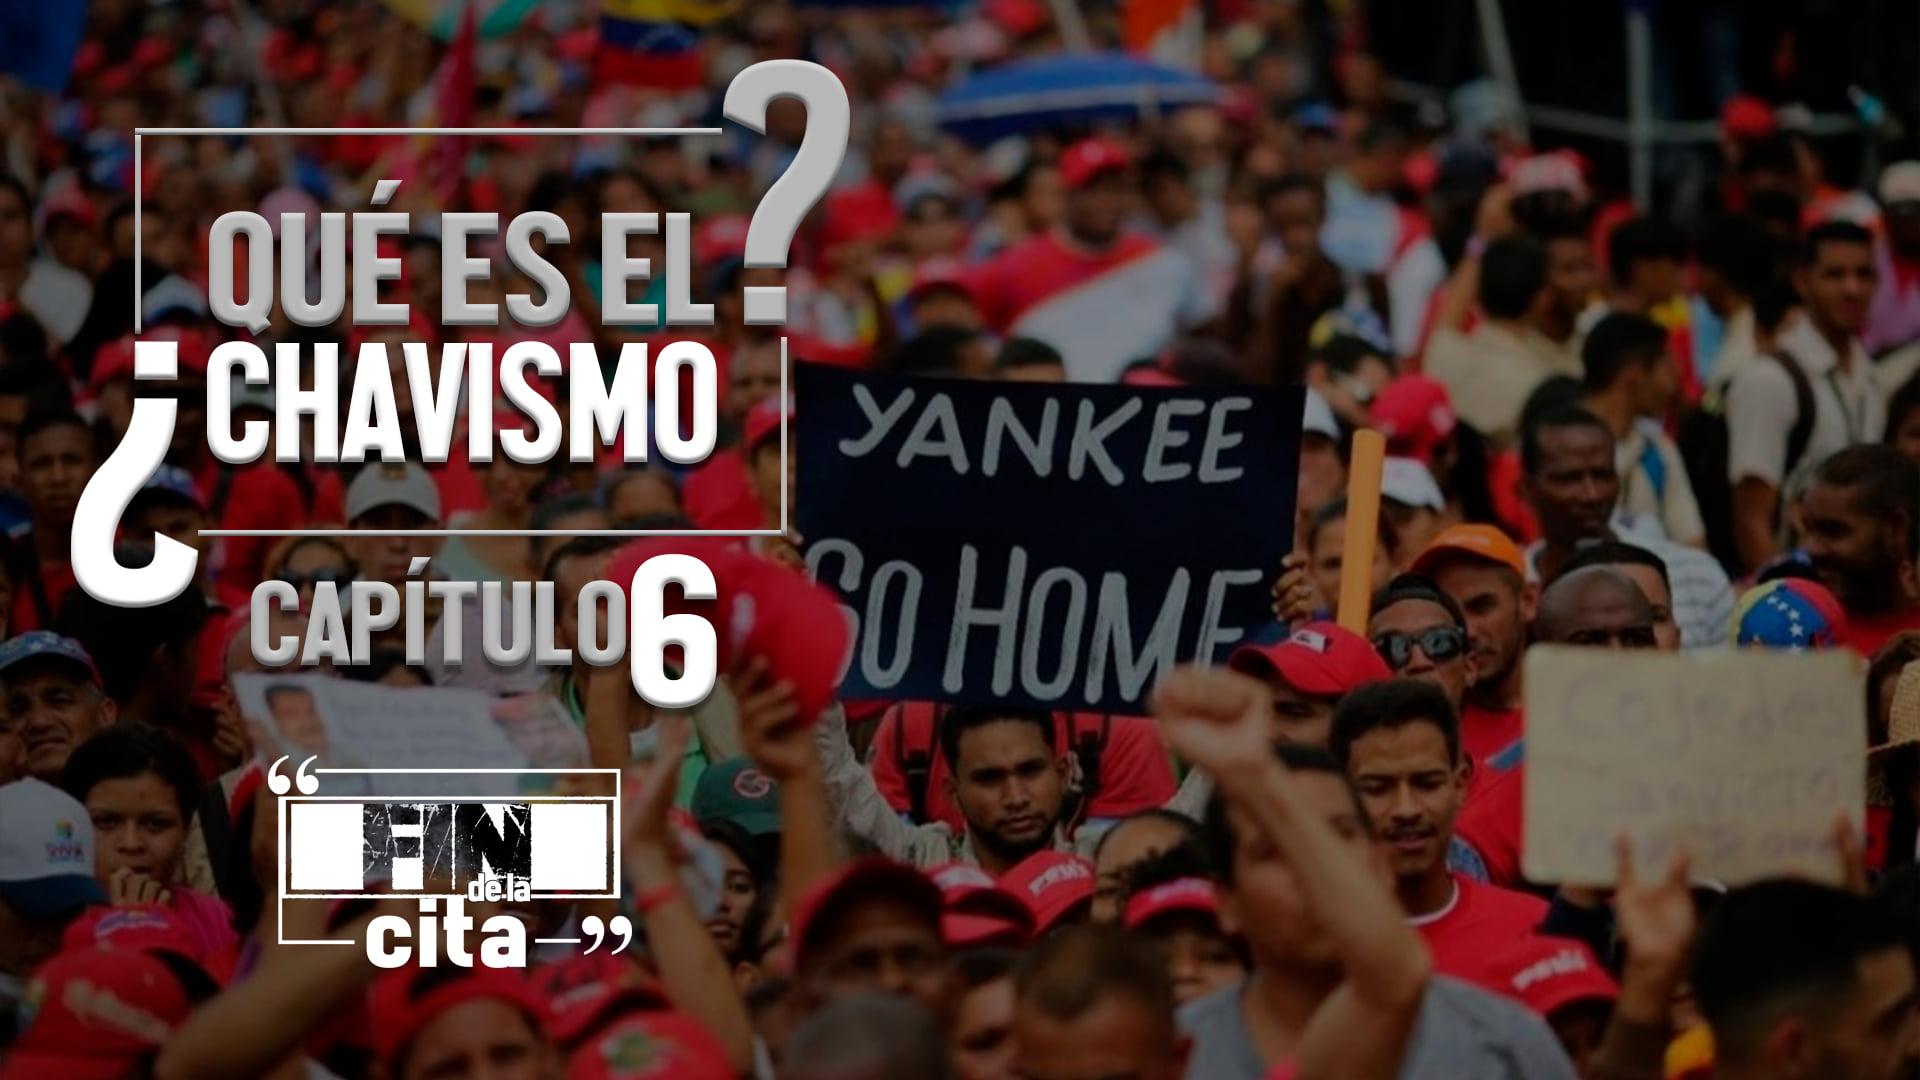 ¿Qué es el Chavismo? VI